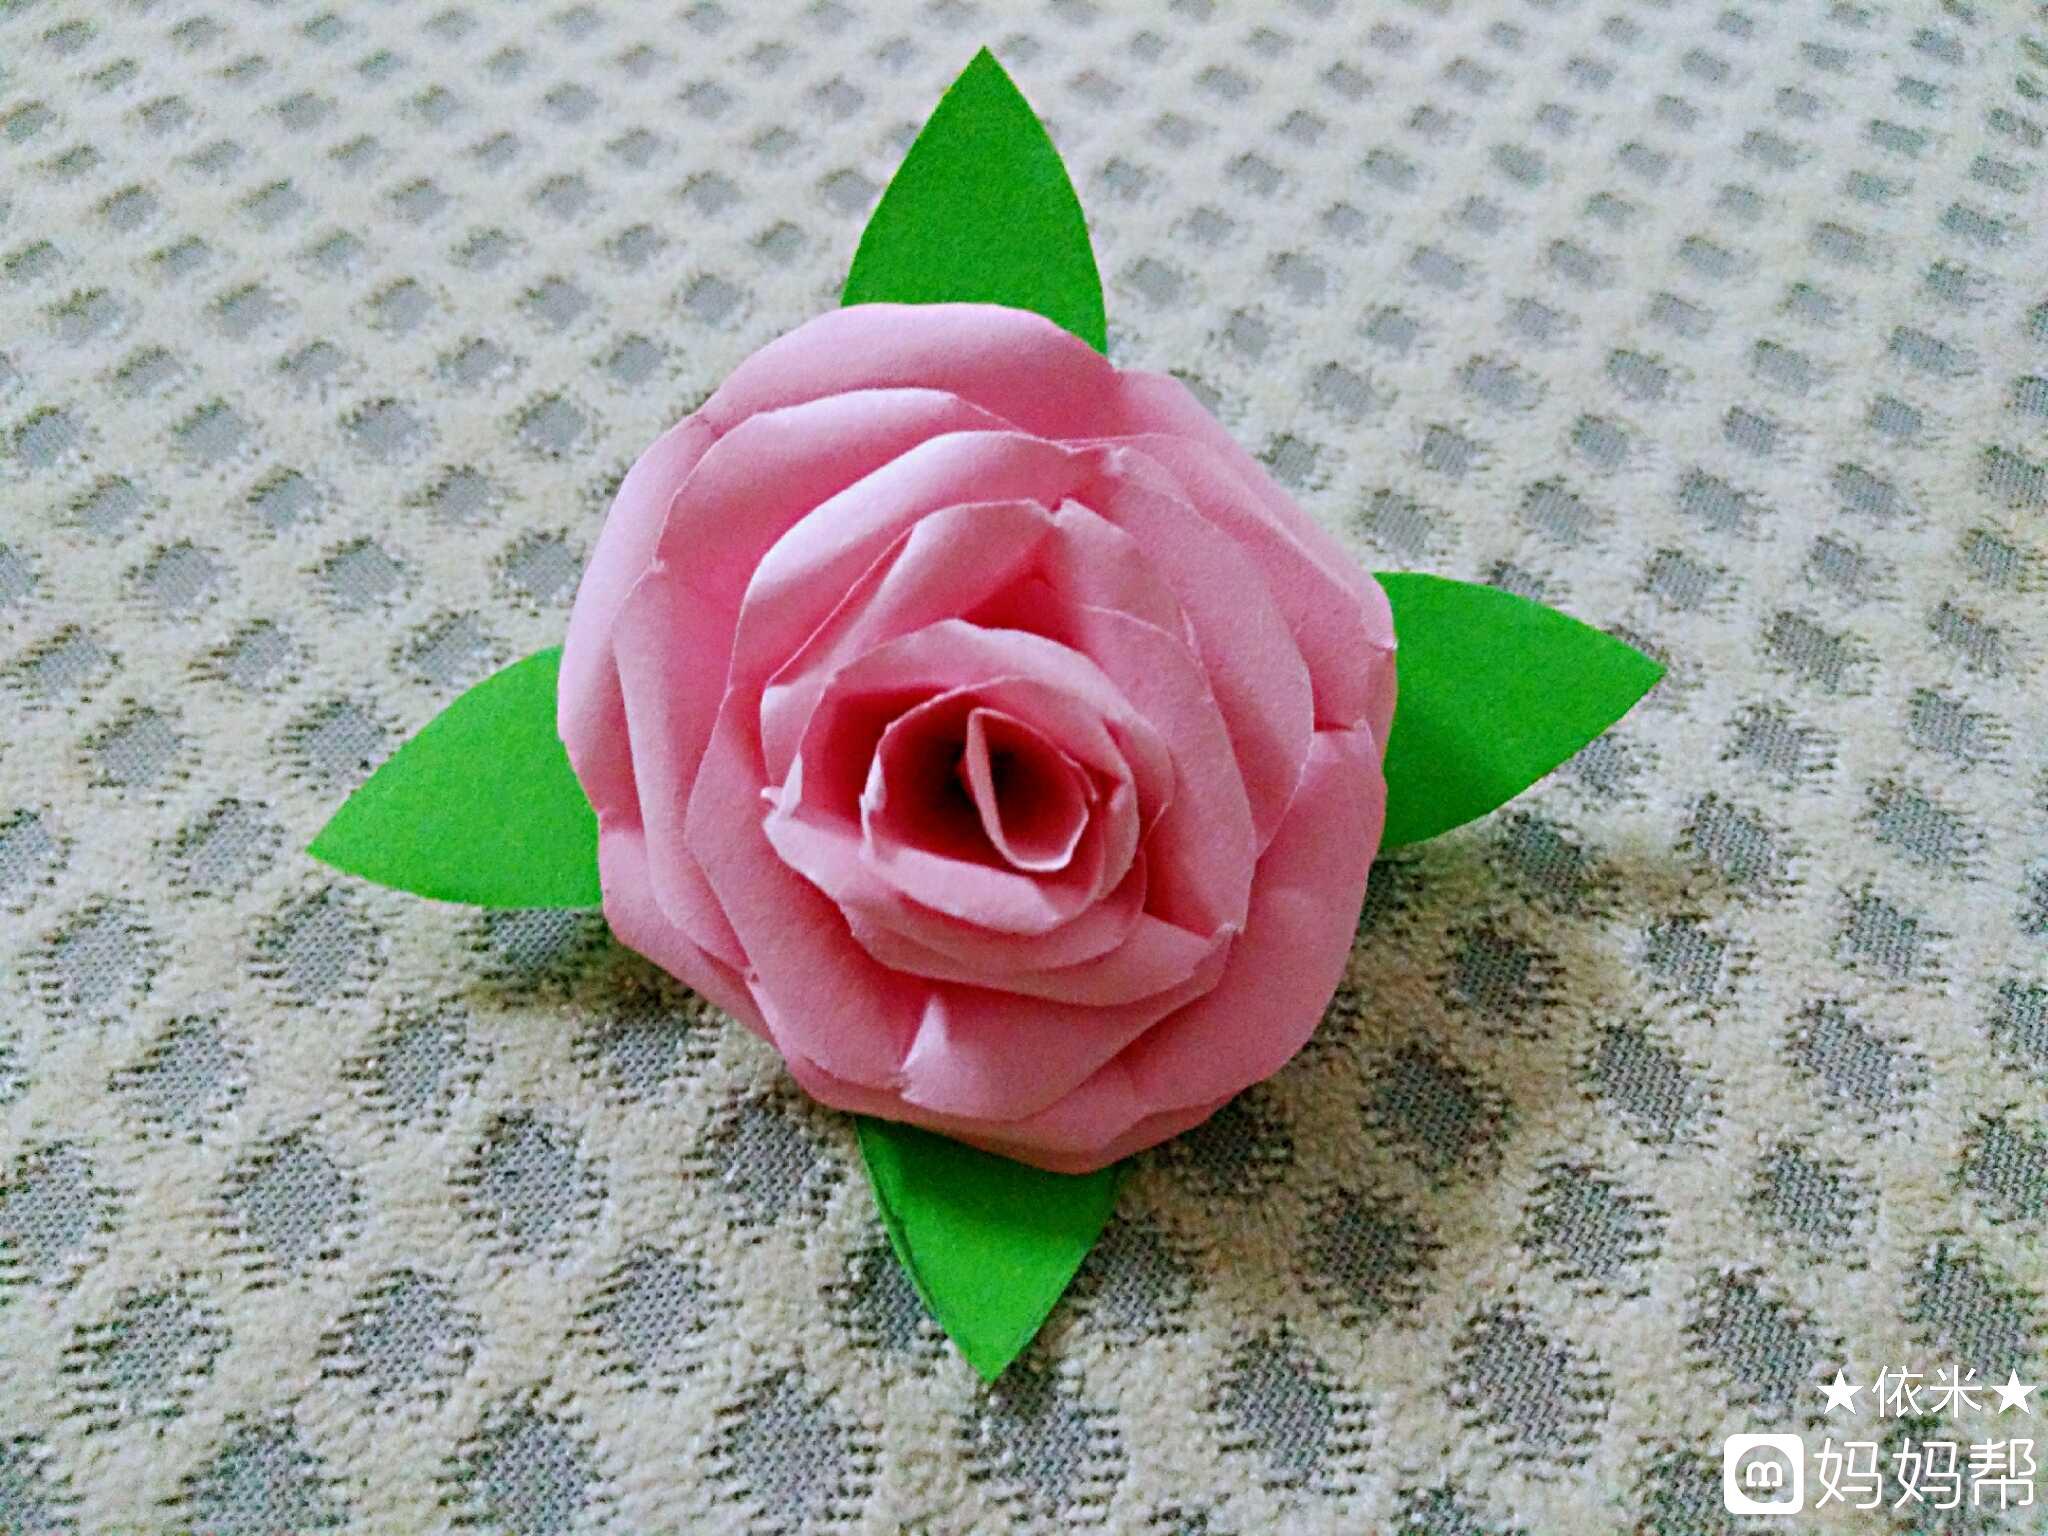 7.用胶棒把叶子和花朵粘合起来一朵漂亮的小花就做好了.图片